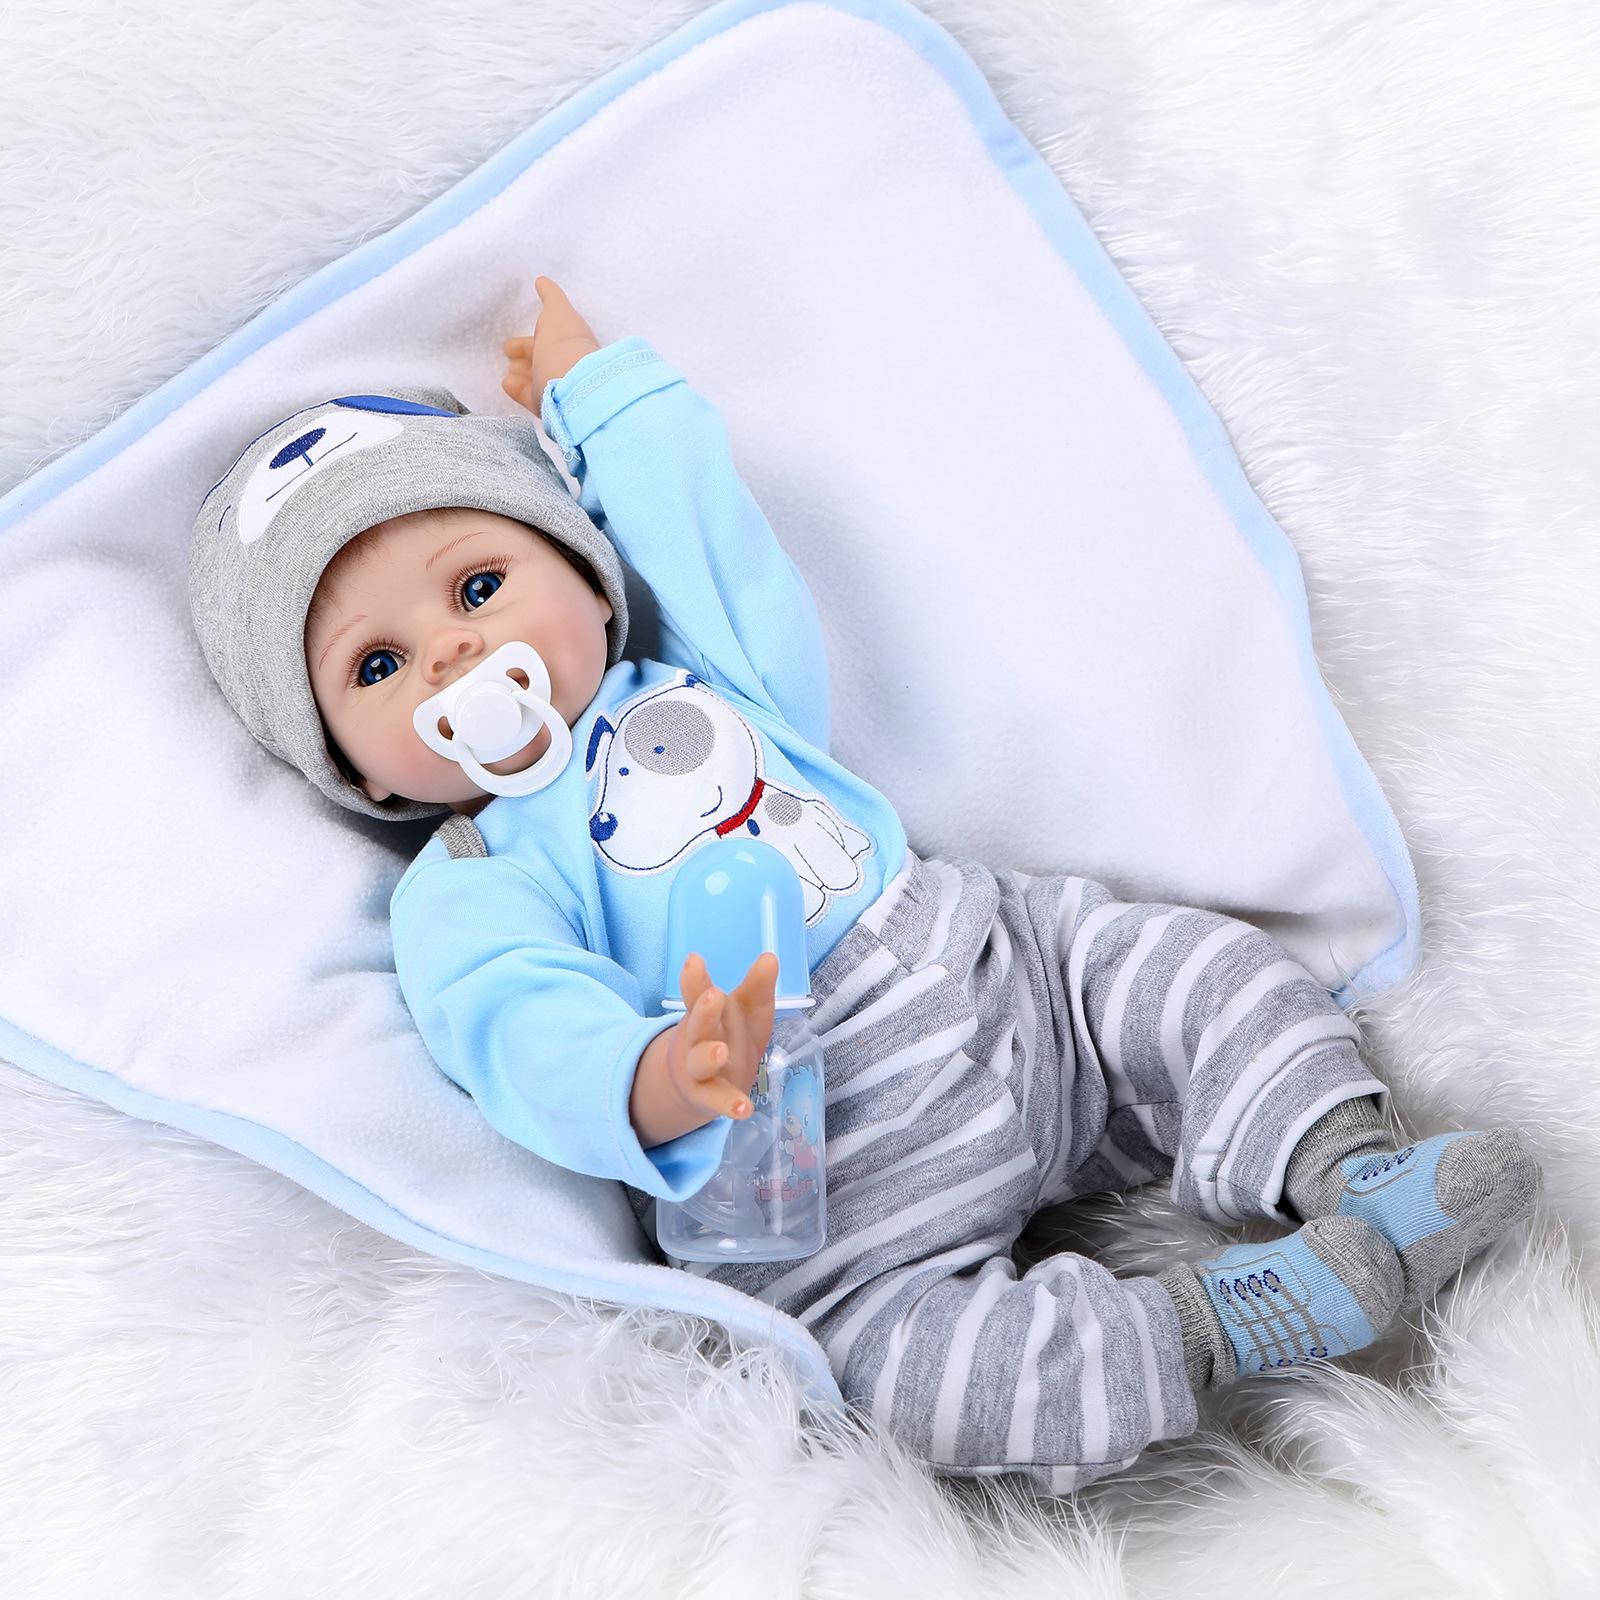 55 CM Silicone Macio Reborn Baby Doll Girl Brinquedos Lifelike Bebês Boneca Moda Bonecas Bebe Reborn Menina